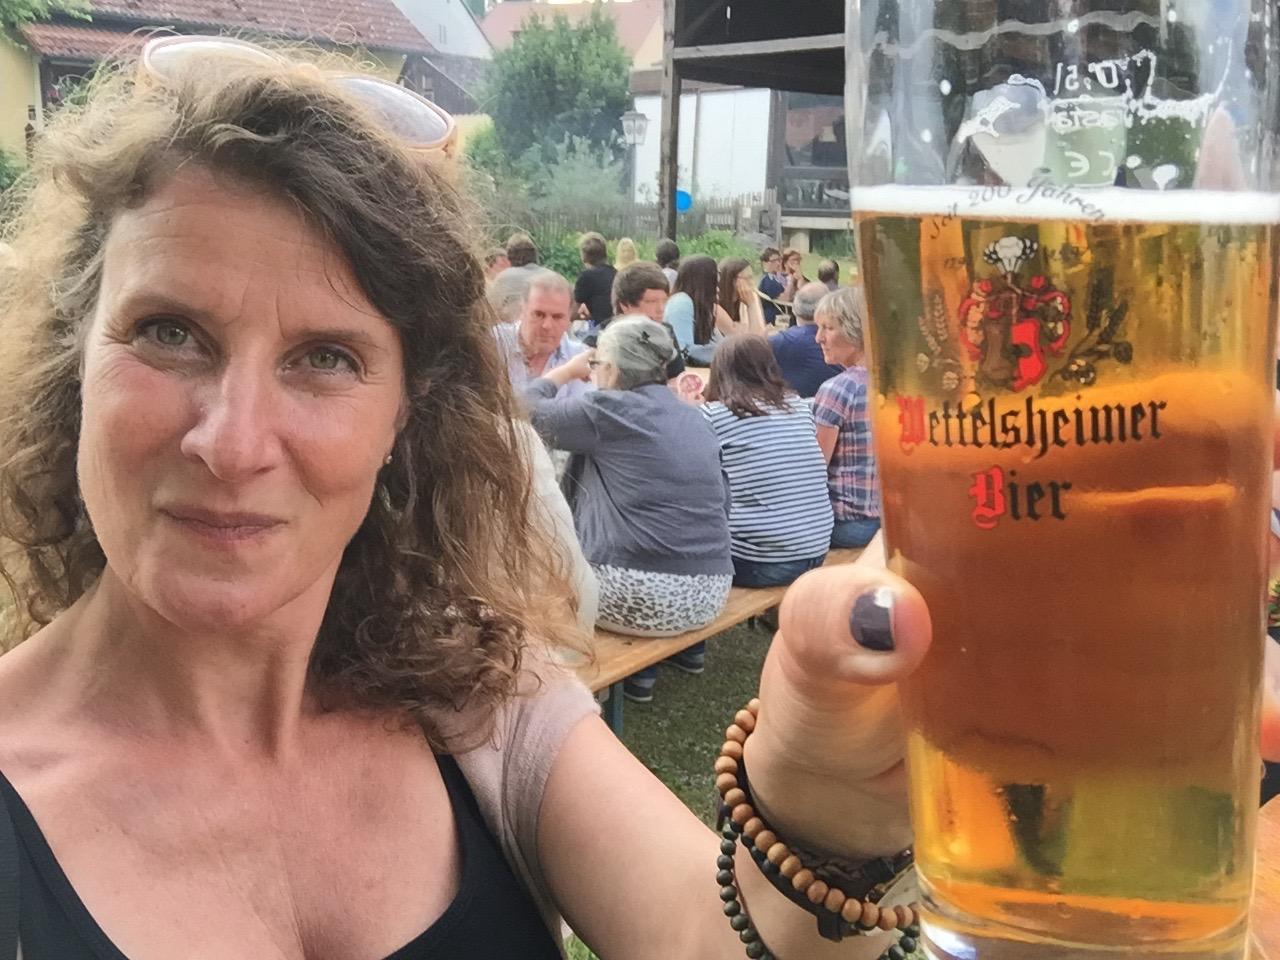 Proost Wettelsheimer bier Schloss Blick Möhren